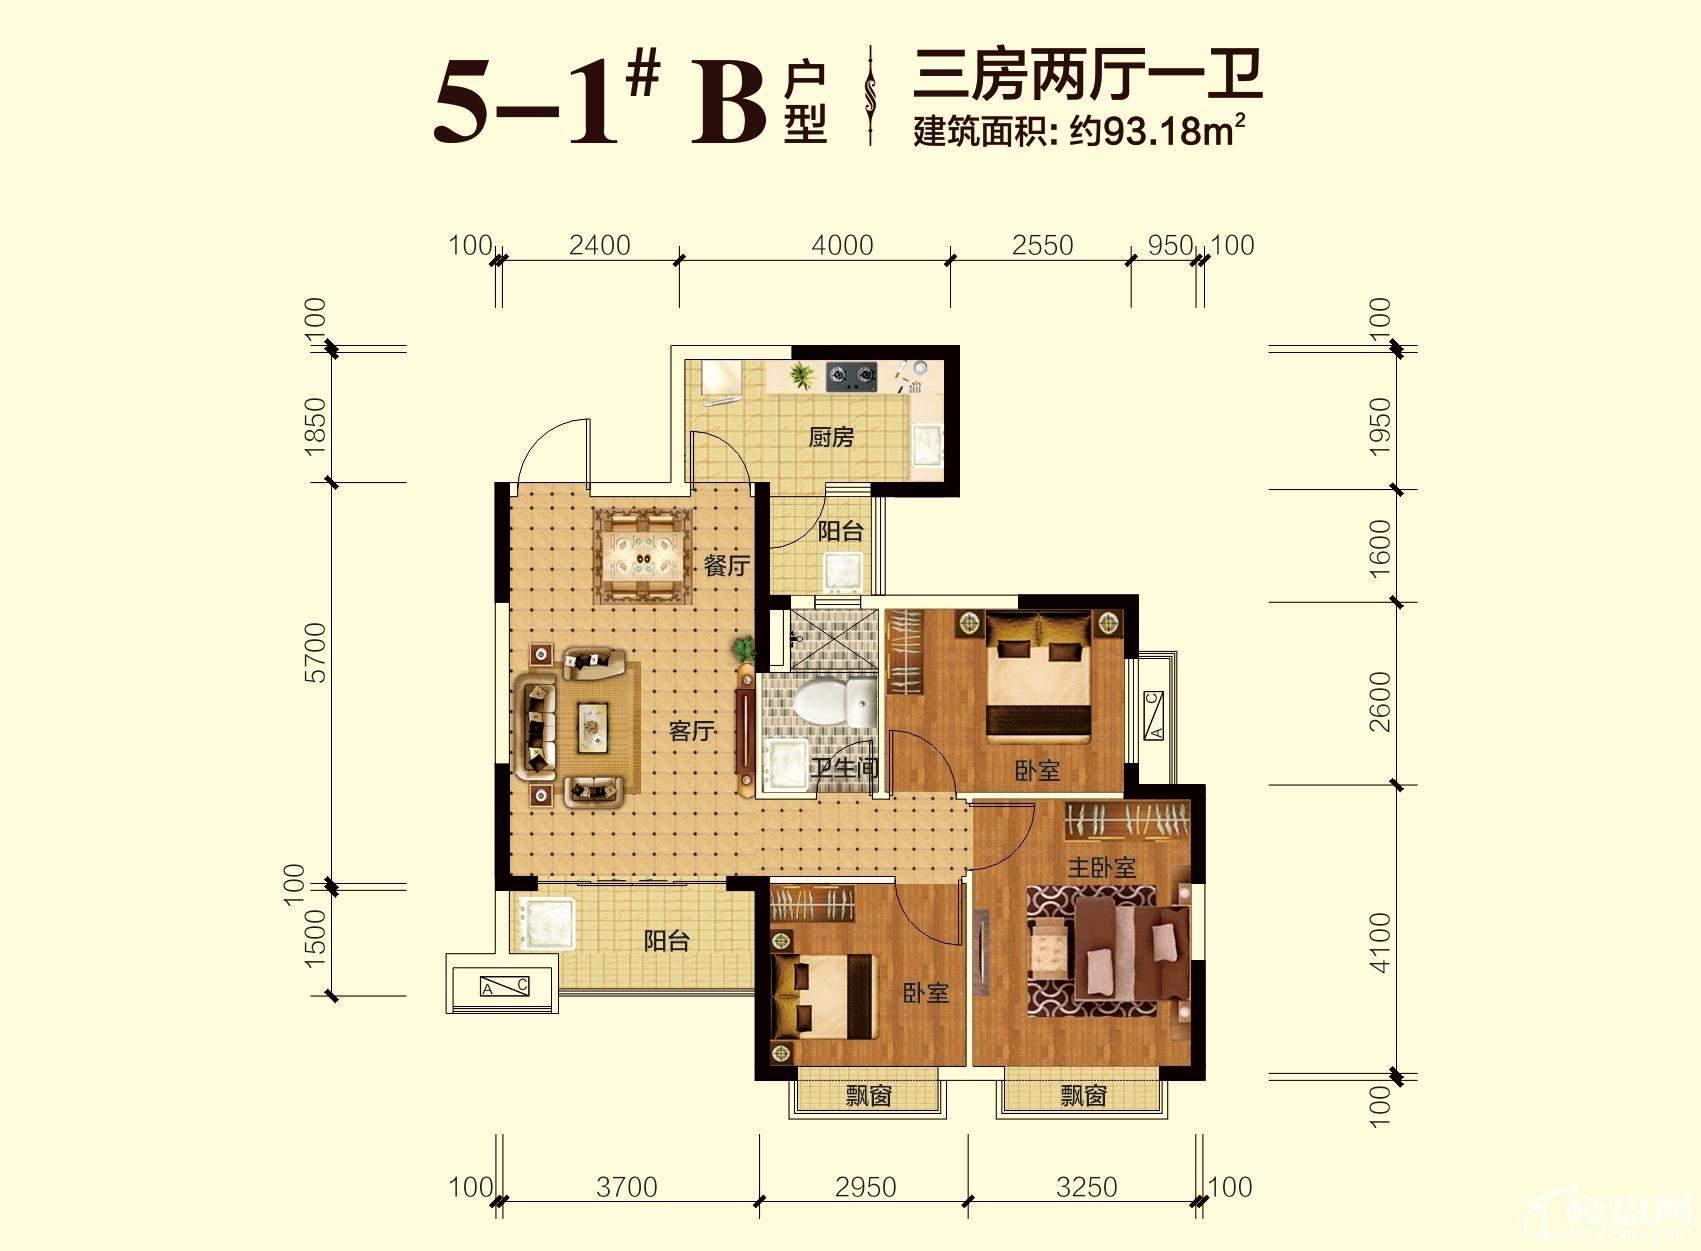 高层5-1#楼B户型